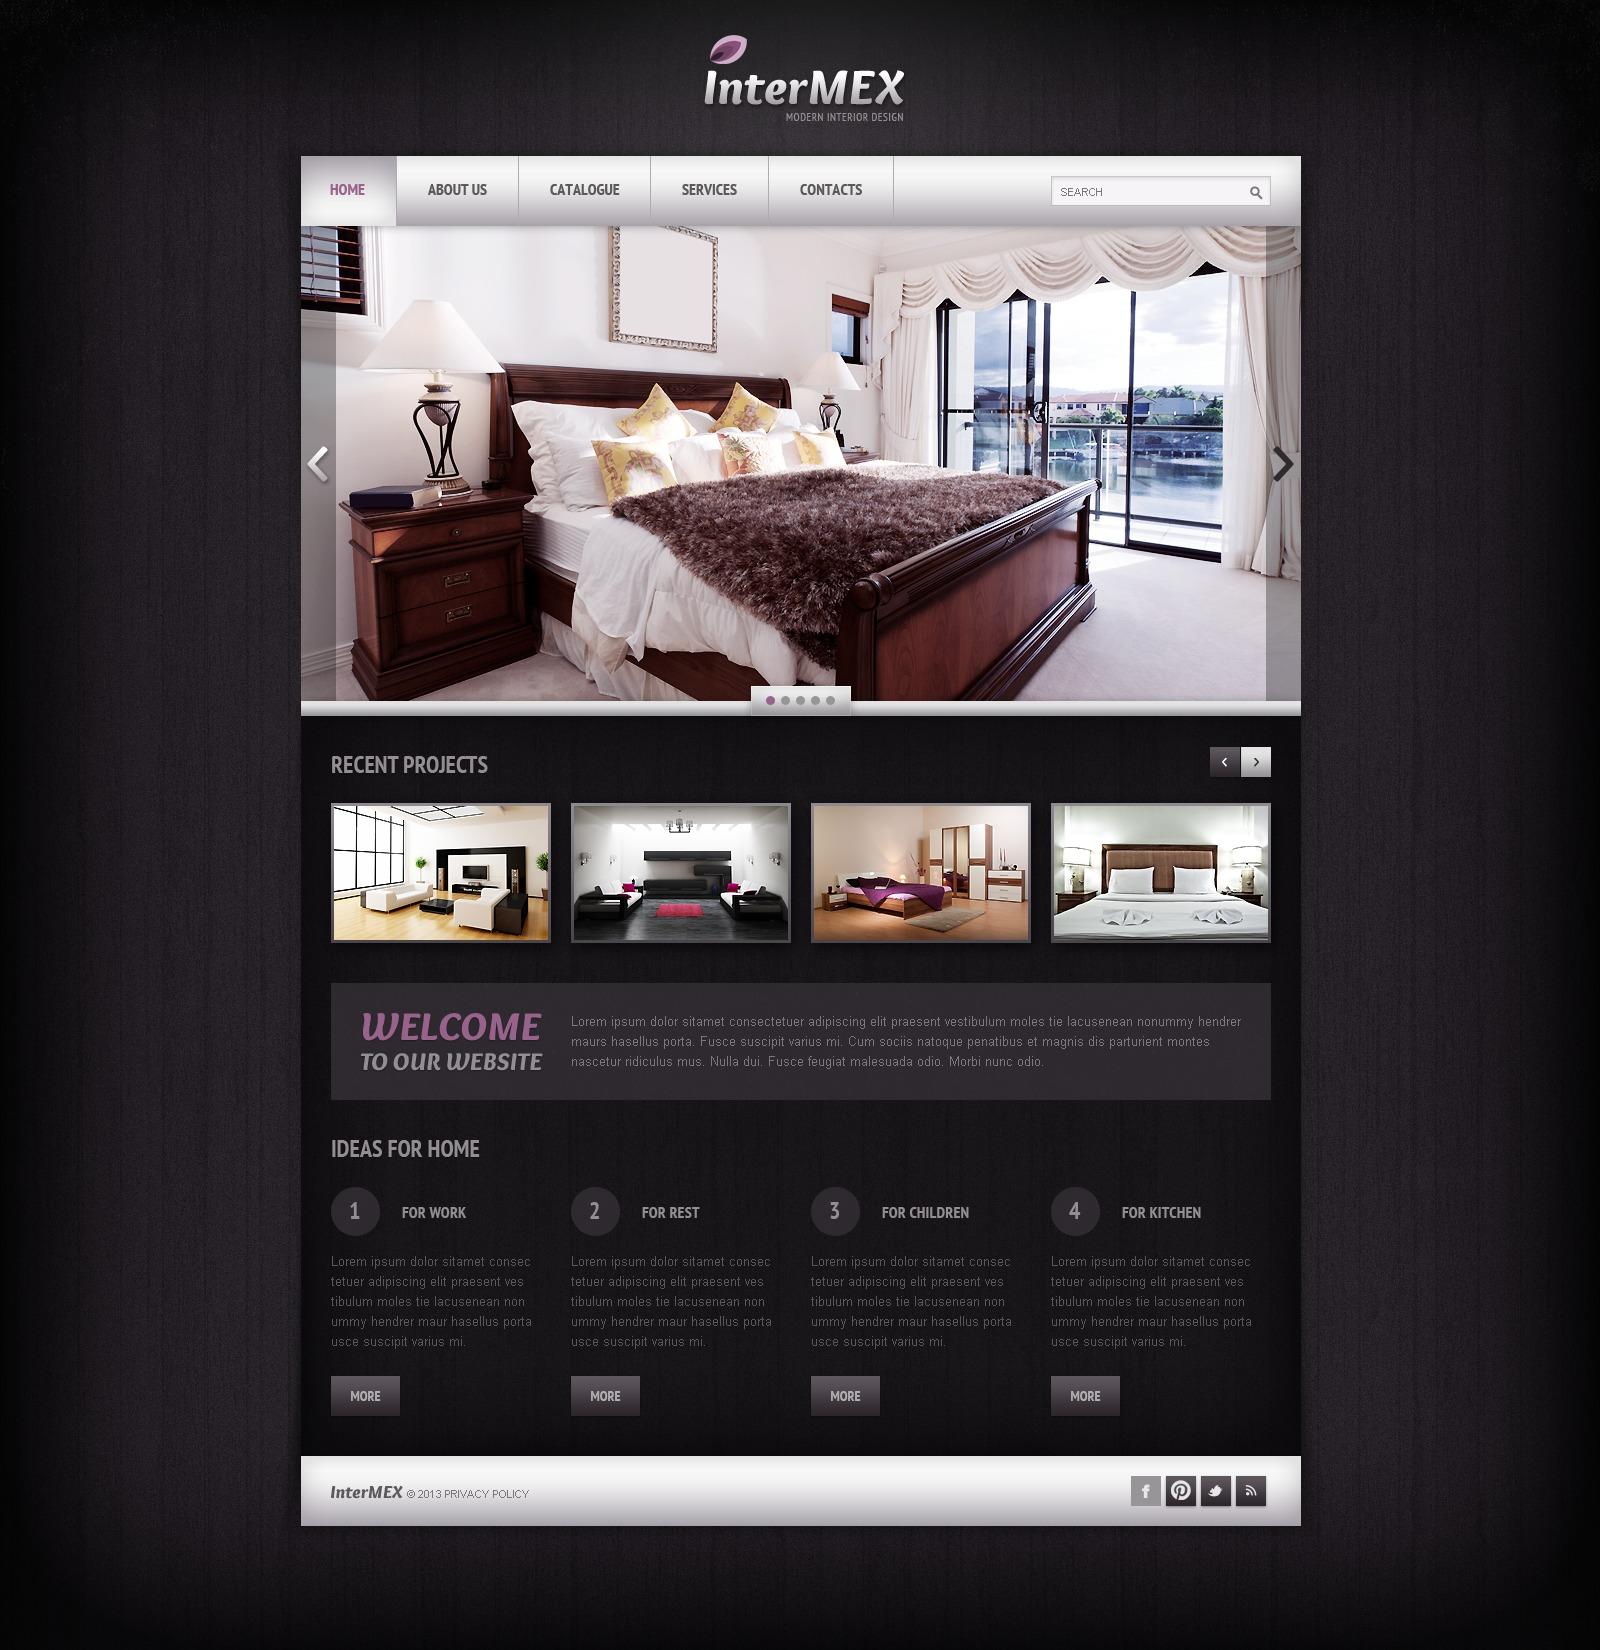 Siti e design trendy siti internet ecommerce seo ebooks - Siti design arredamento ...